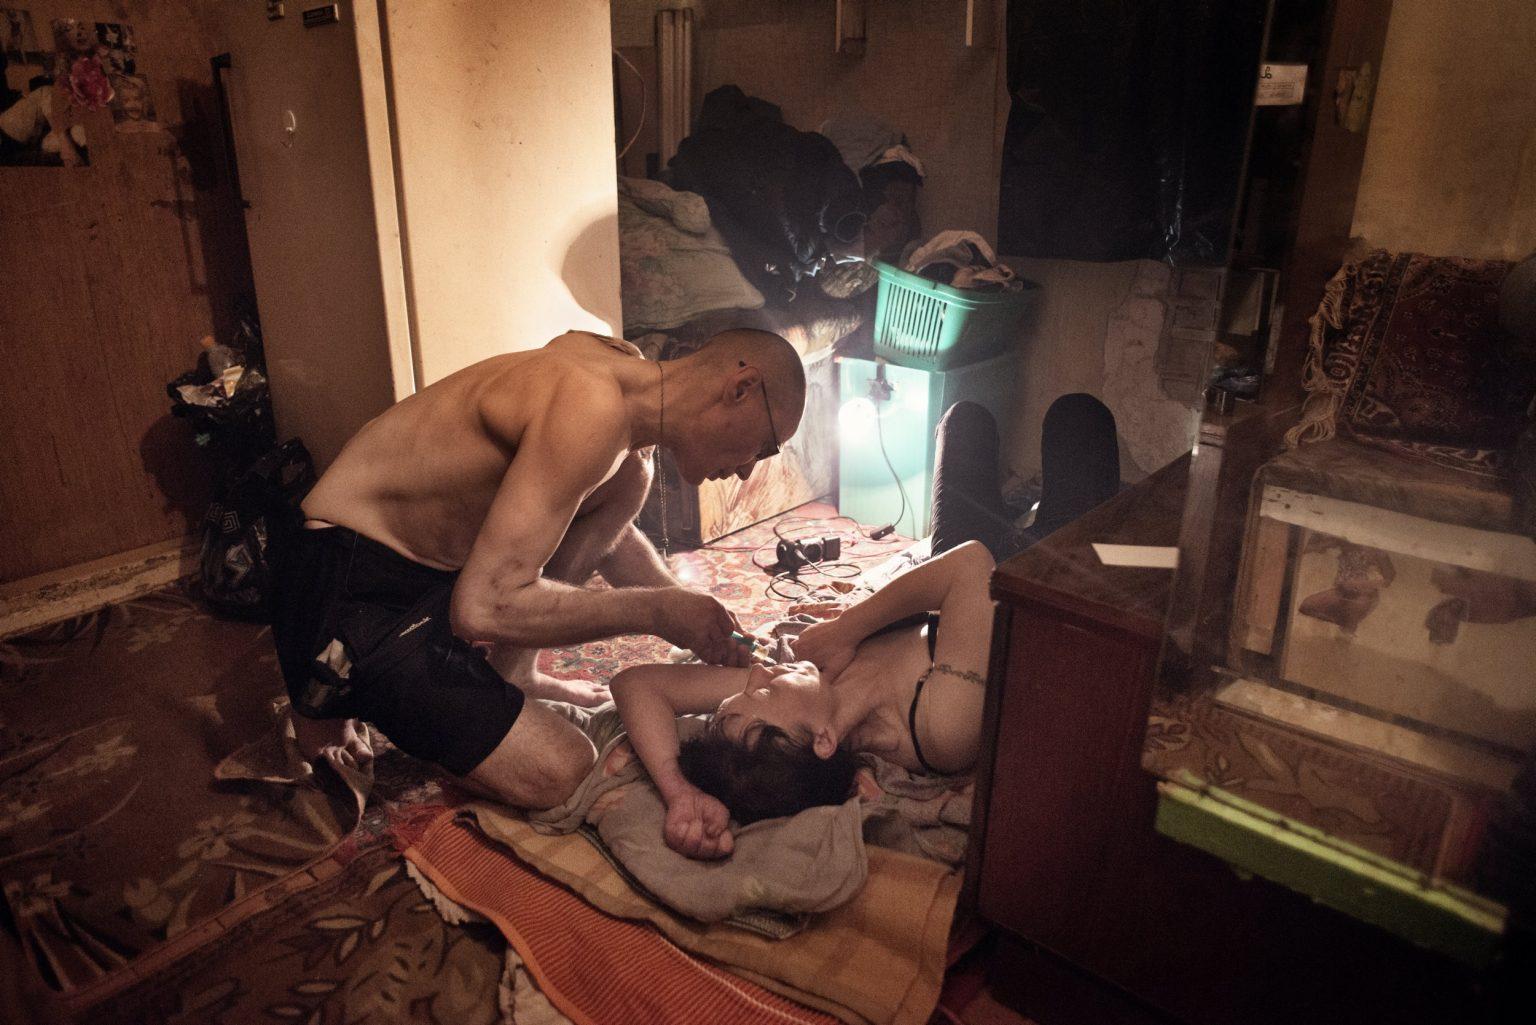 Yekaterinburg, Russia, November 2013 - Andrey injects a dose of krokodil to Zhanna in his apartment in the Uralmash district. >< Yekaterinburg, Russia, novembre 2013 - Andrey inietta una dose di Krokodil a Zhanna nel suo appartamento nel quartiere di Uralmash.